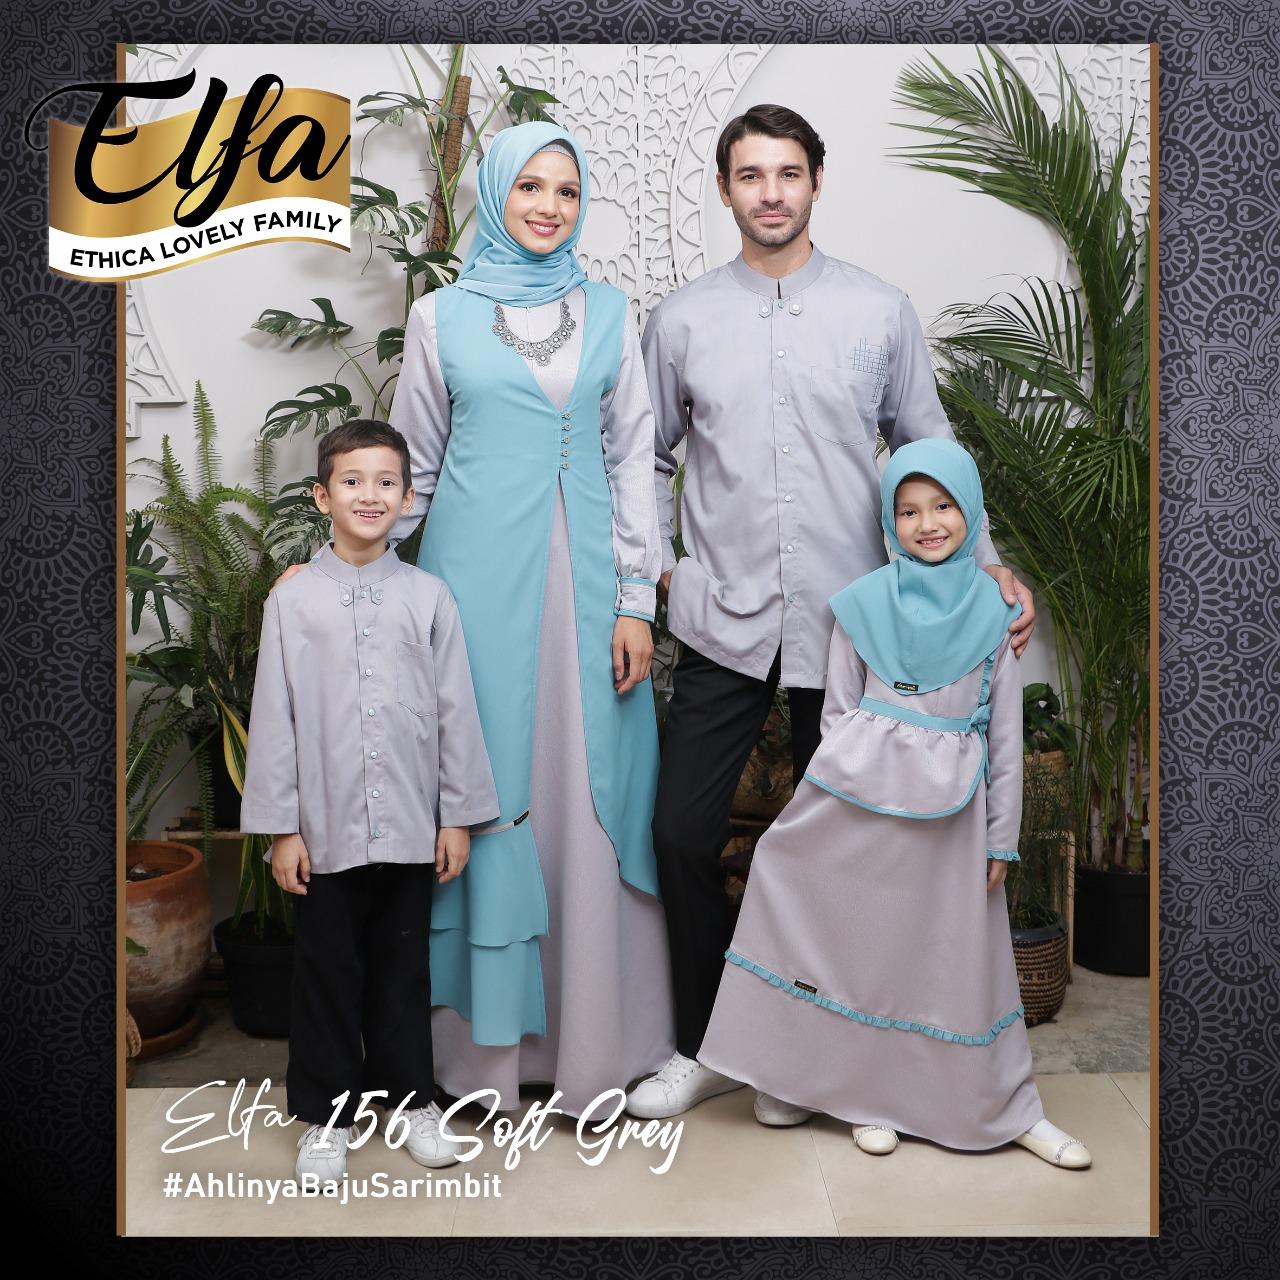 Koleksi Sarimbit Keluarga Ethica Terbaru 2020 Elfa 156 Soft Grey